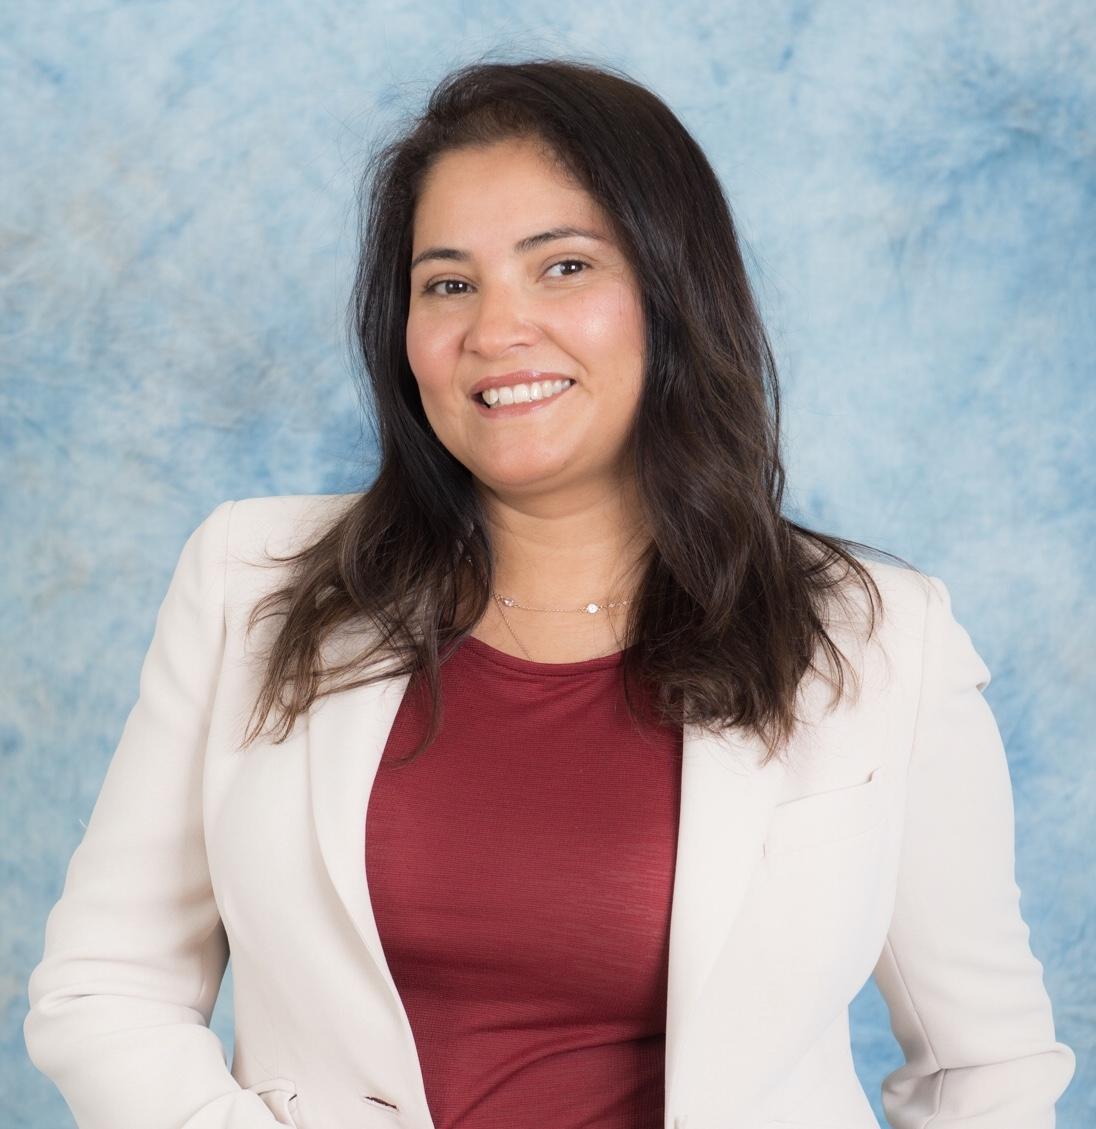 Marcia De Paula profile image